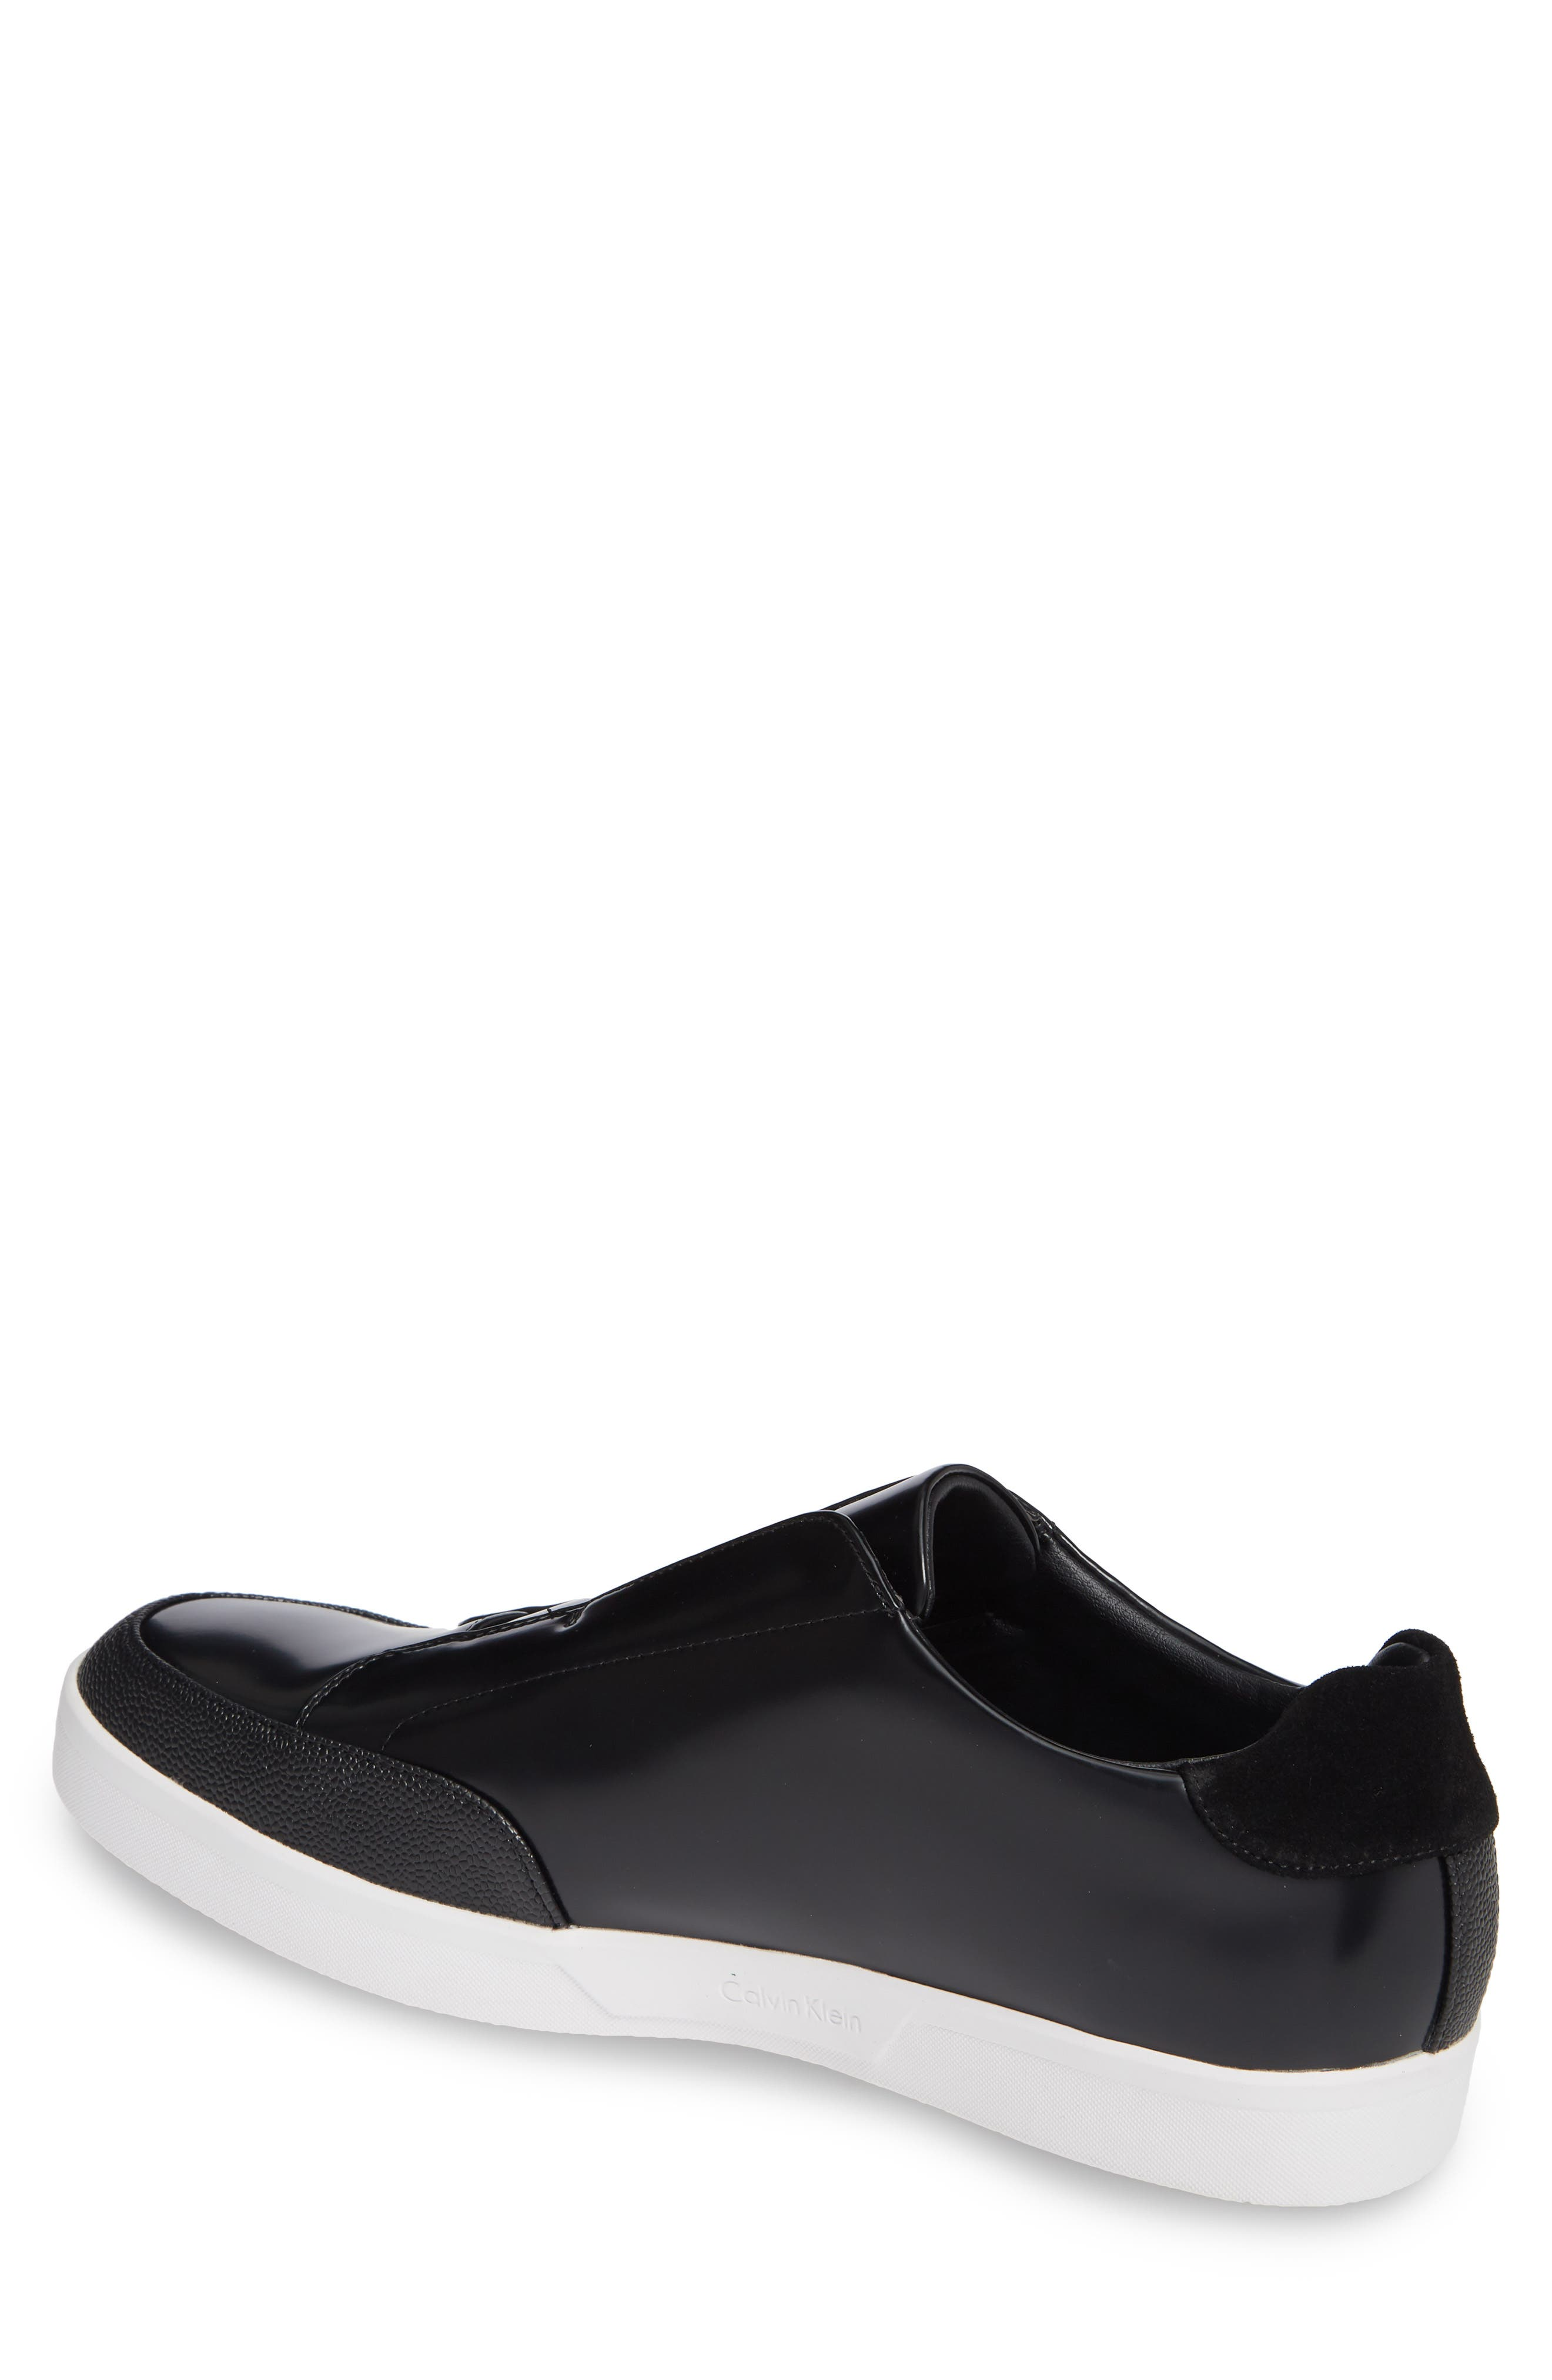 CALVIN KLEIN, Immanuel Slip-On Sneaker, Alternate thumbnail 2, color, BLACK LEATHER